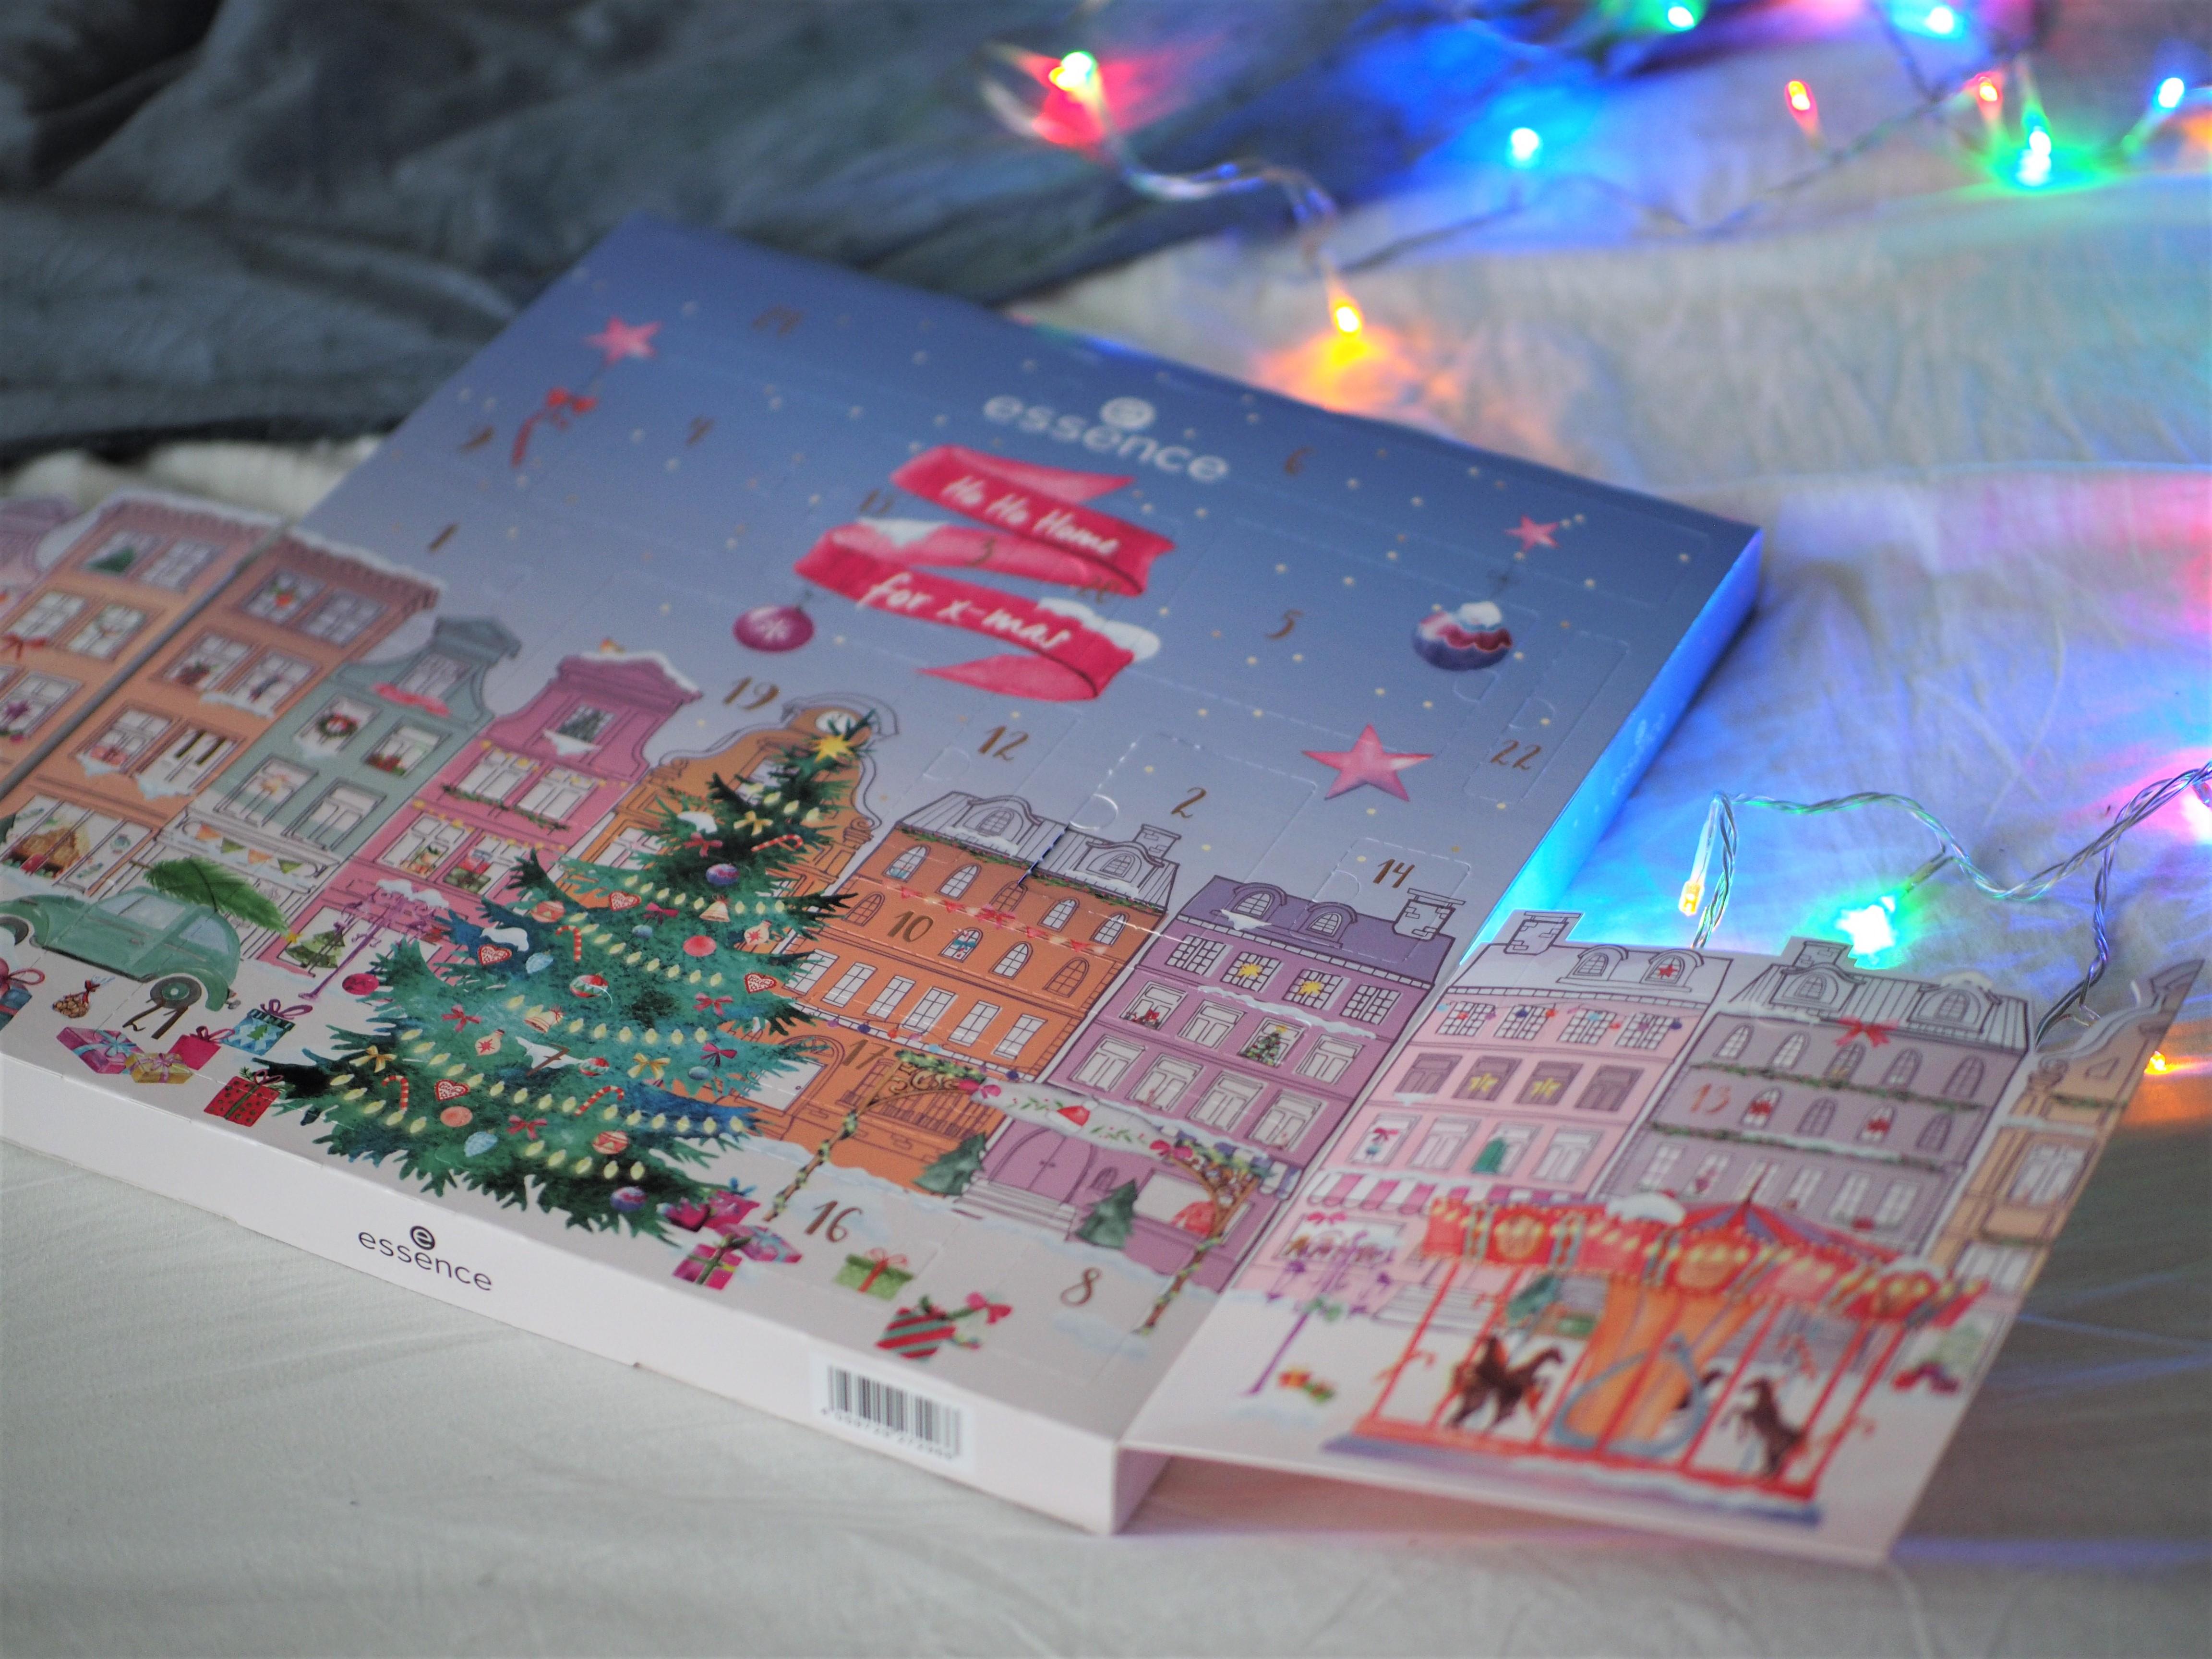 Essence joulukalenteri 2020 (sisältää spoilerin)